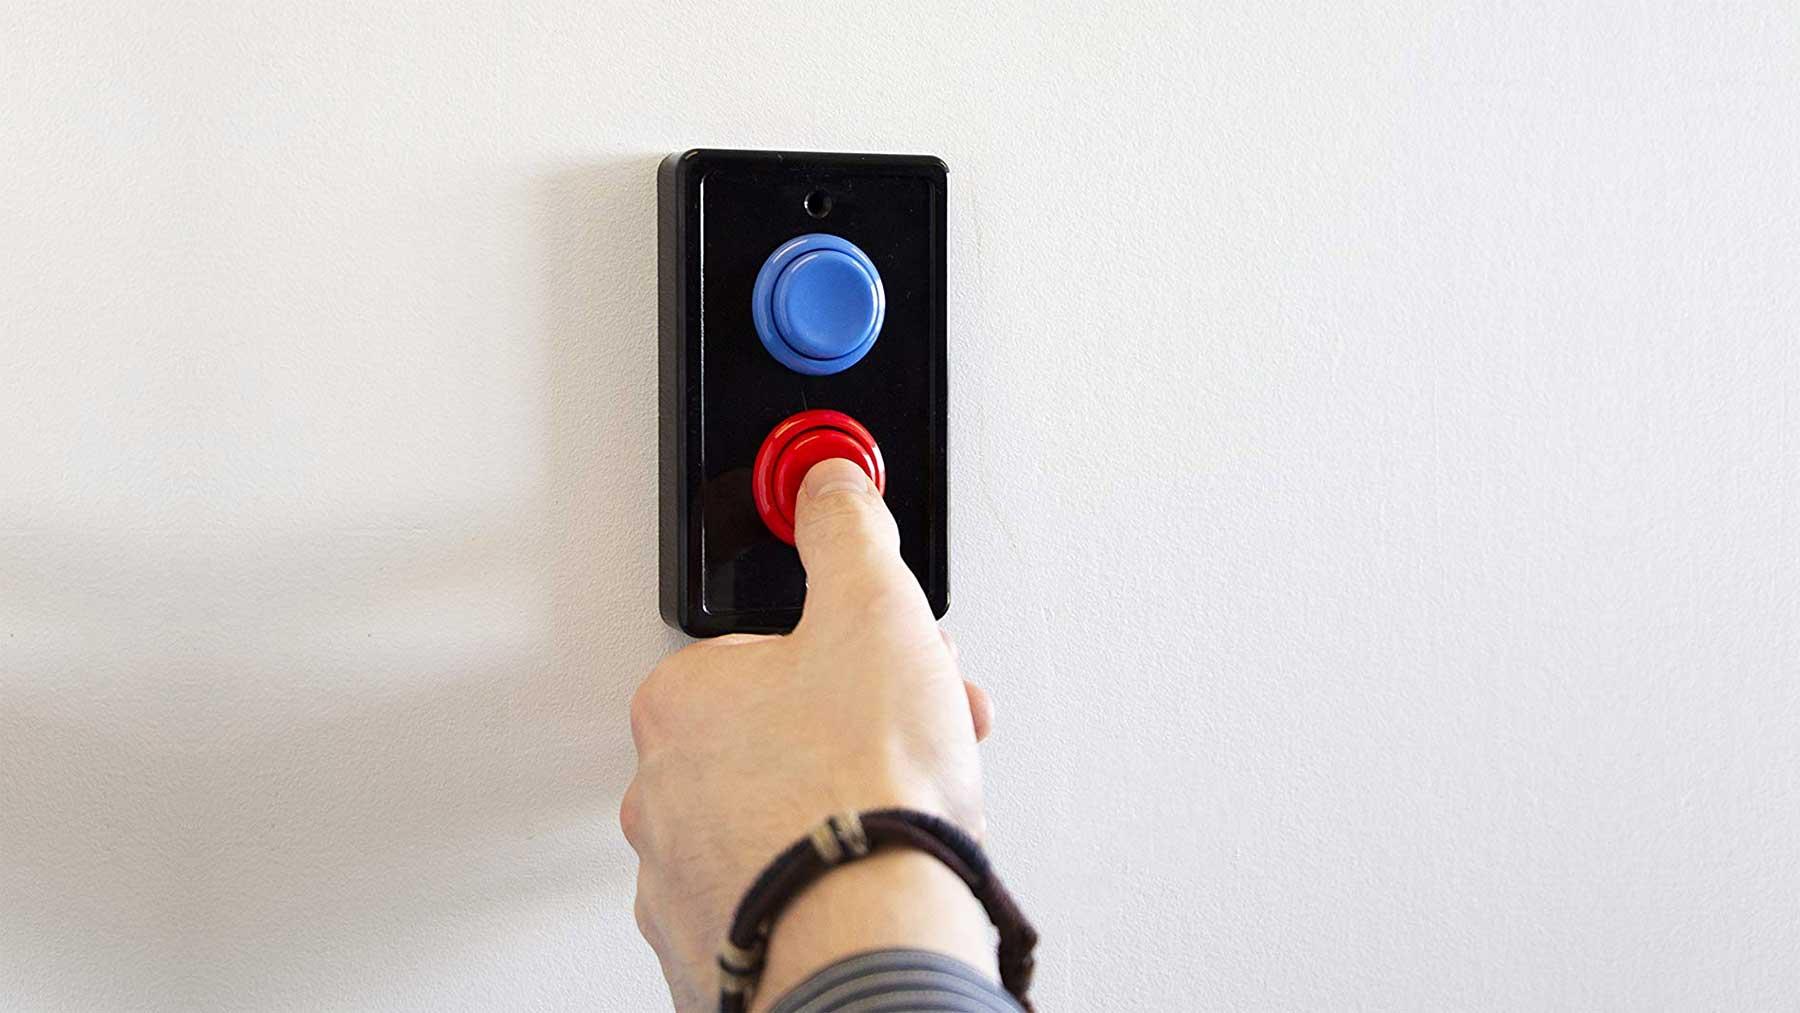 Dieses Verkleidung macht Arcade Buttons aus Lichtschaltern Arcade-buttons-lichtschalterverkleidung_01